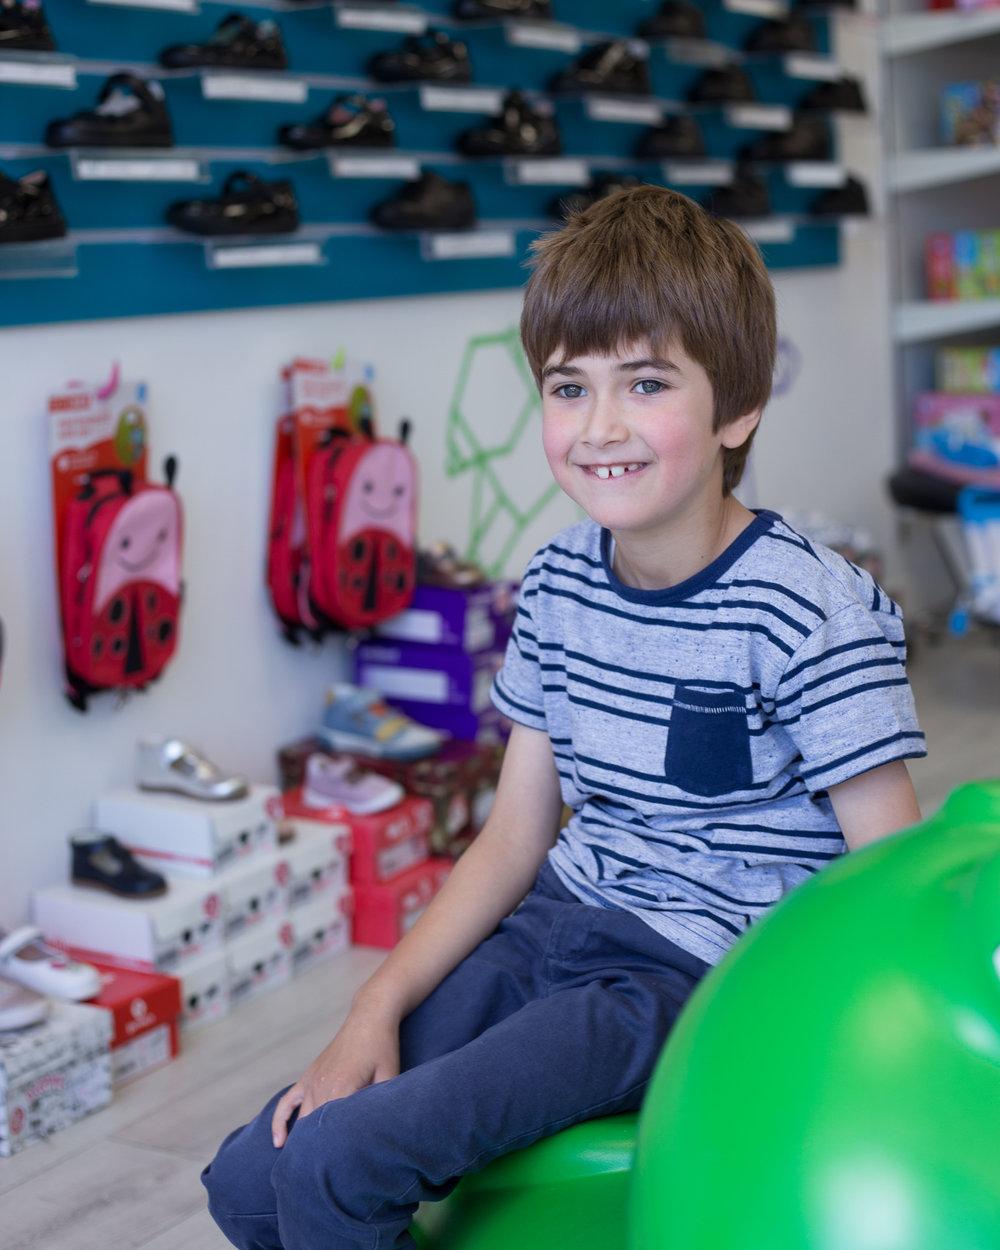 children's shoe shop